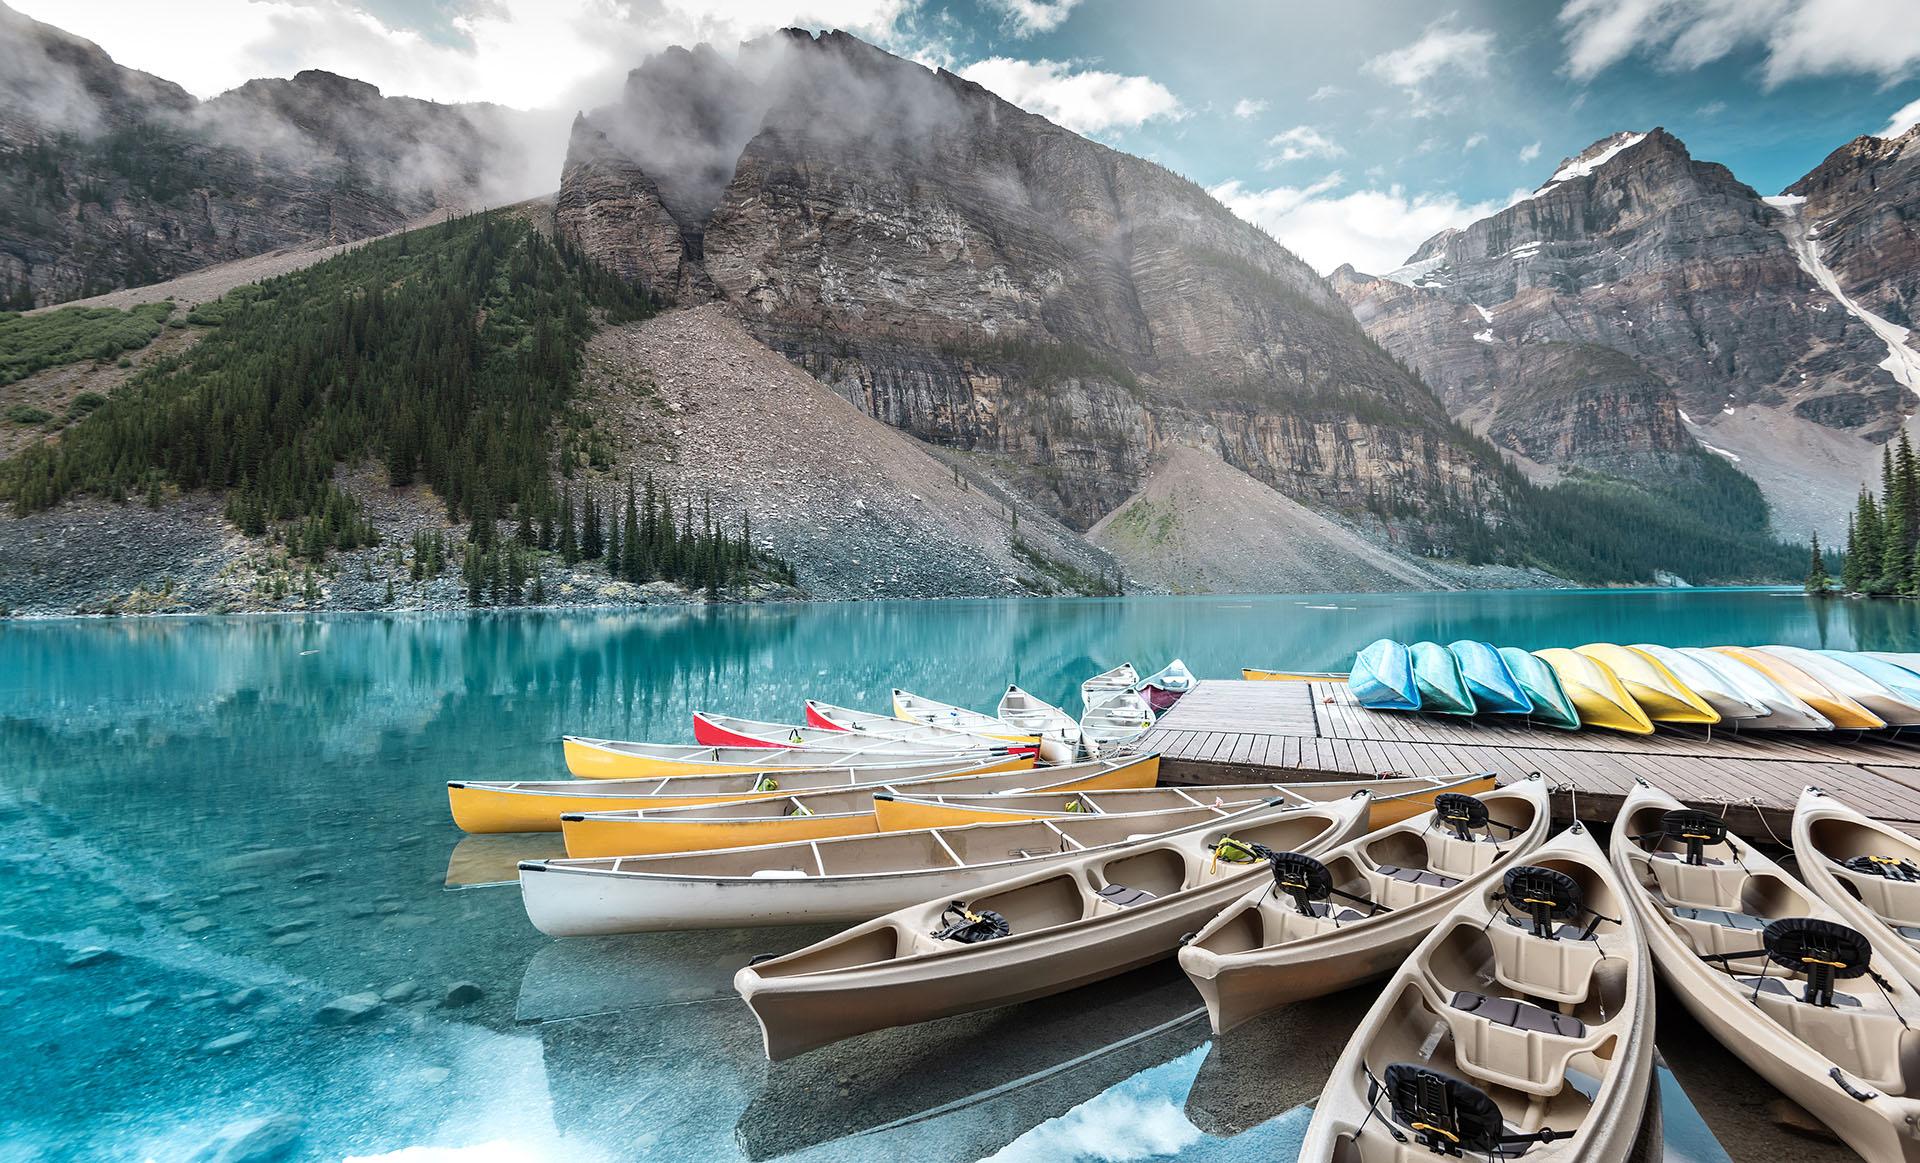 Los maravillosos senderos escarpados y nevados de Jasper y Banff, dos de los parques nacionales más antiguos del mundo, deberían ser motivo suficiente para agregar a Alberta a la lista de mejores destinos fríos